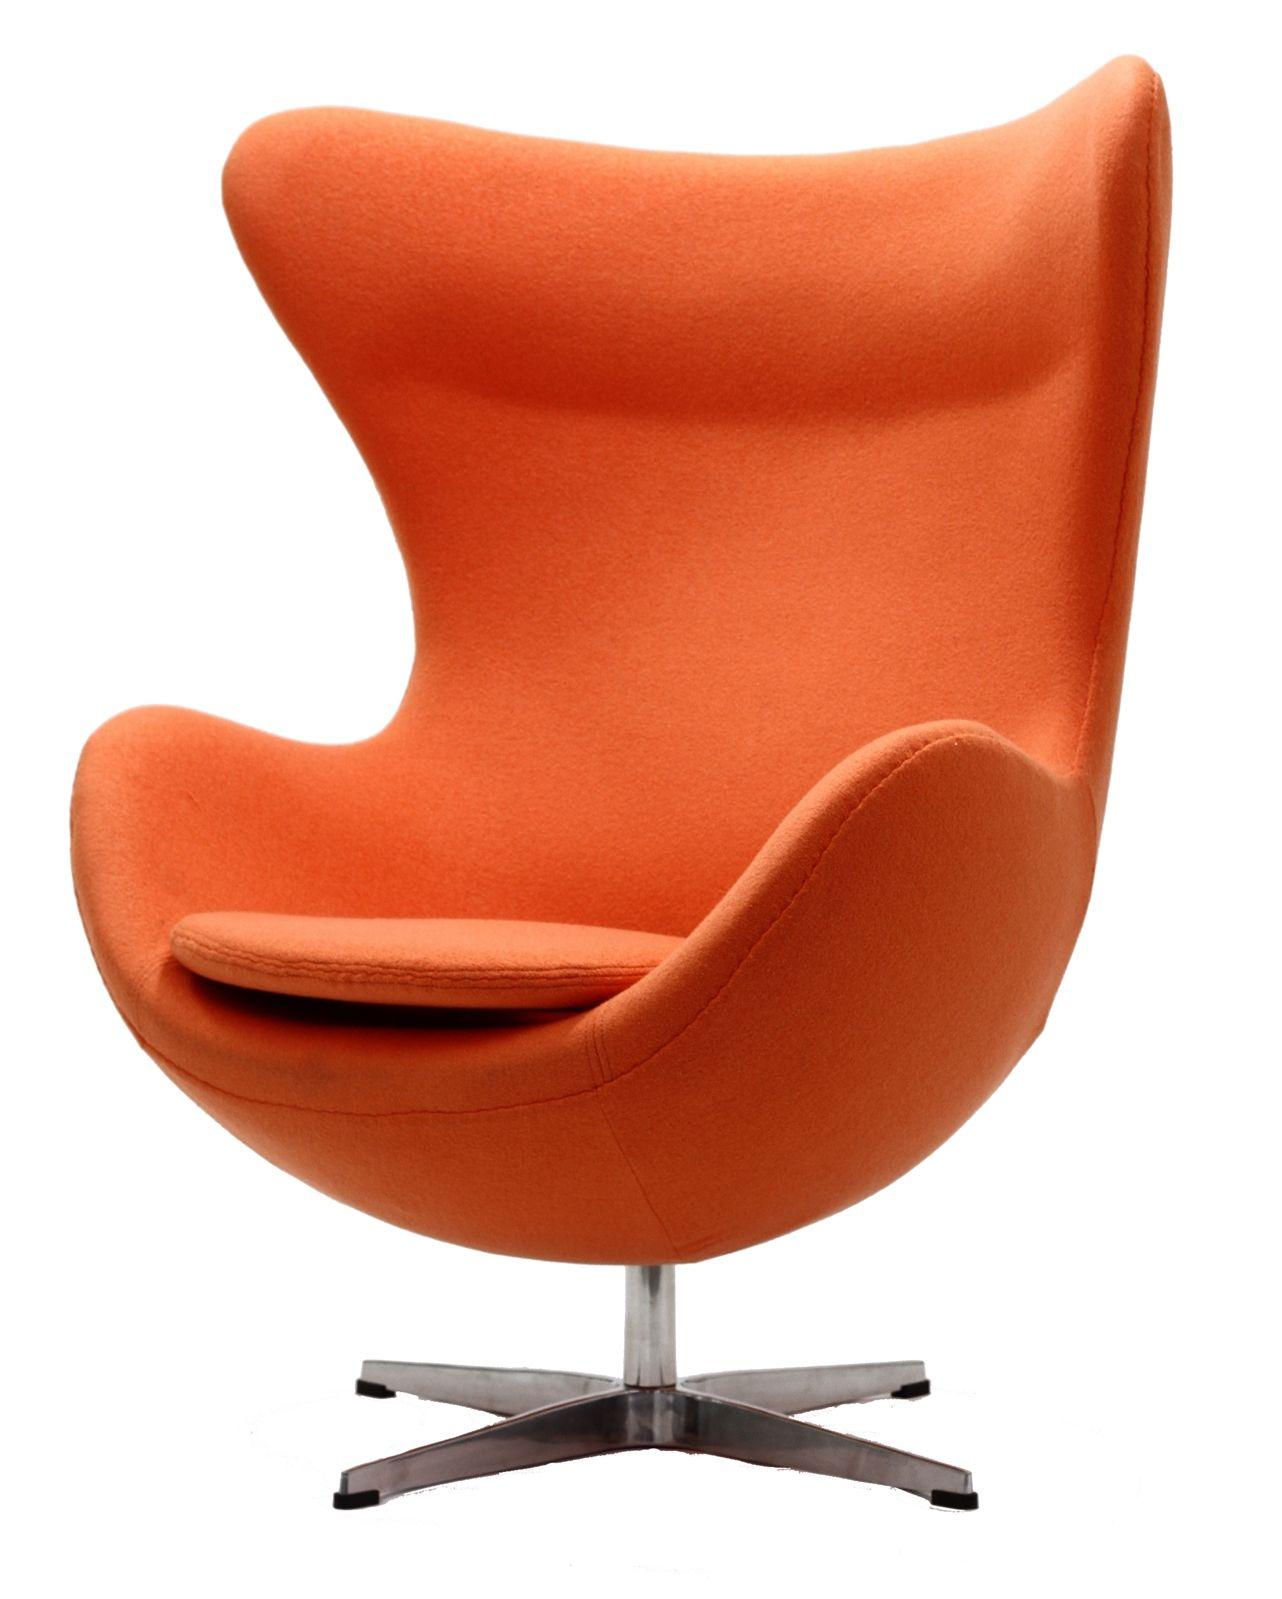 Arne Jacobsen Egg Chair - Orange